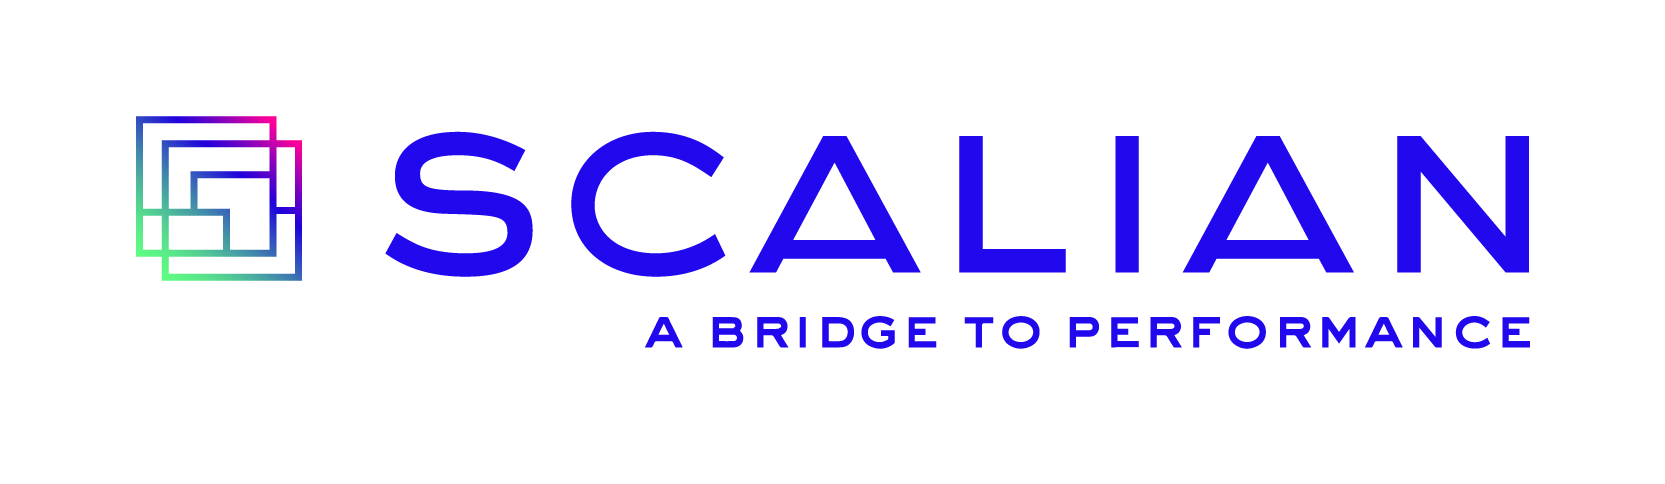 Le groupe Eurogiciel devient Scalian